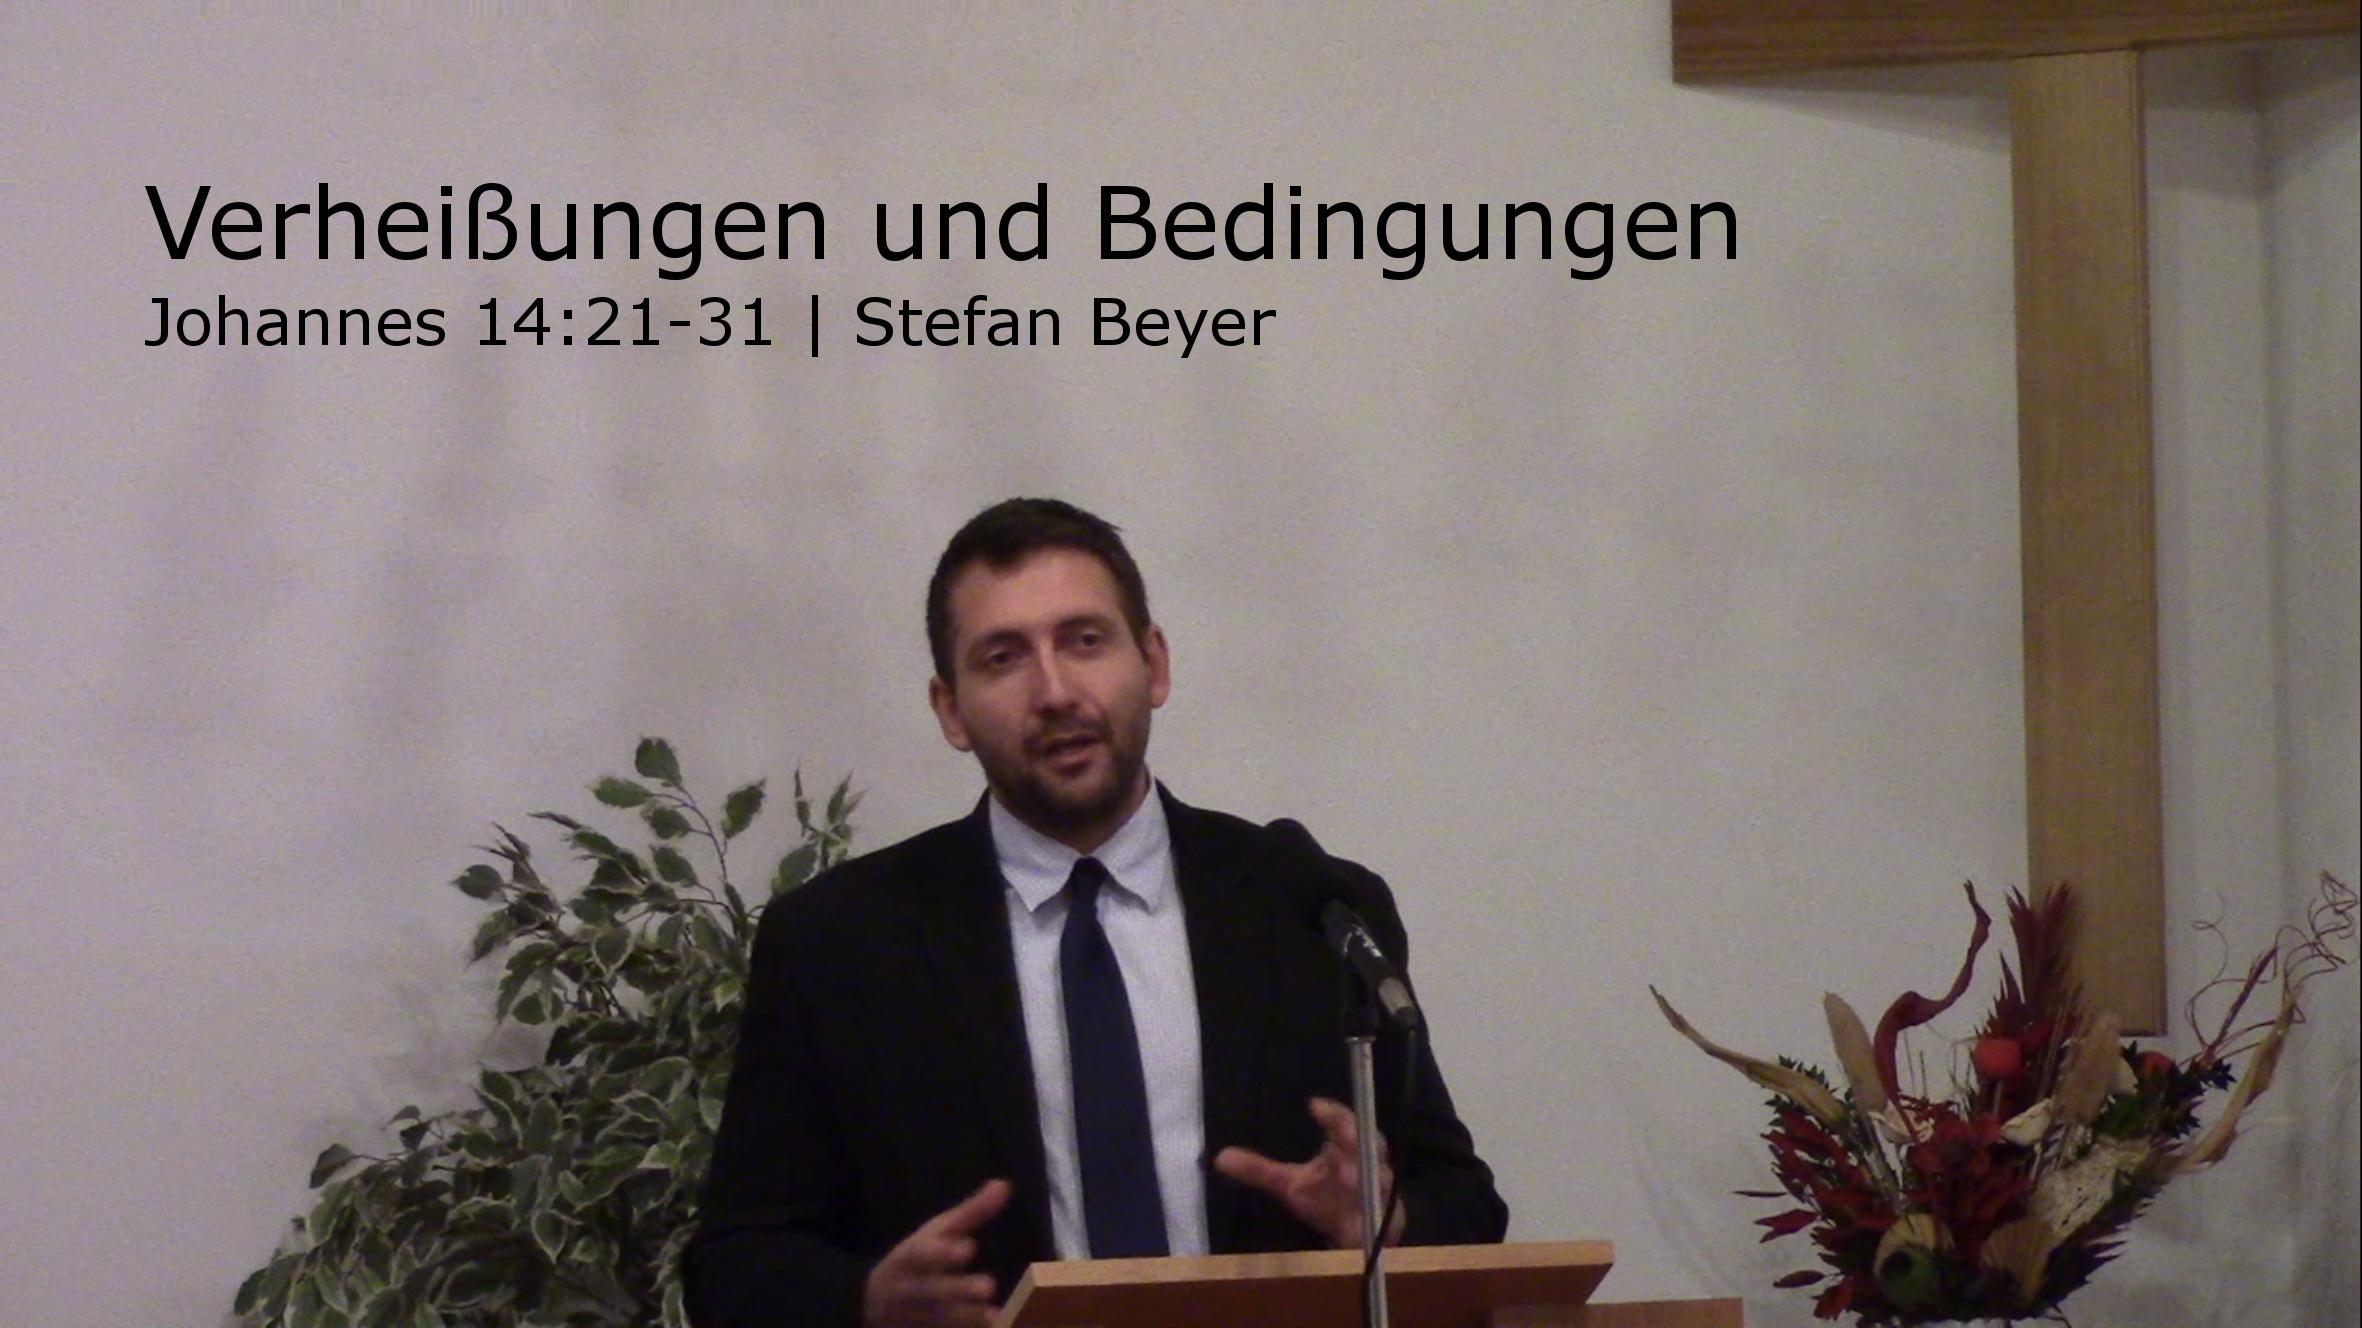 Johannes 14:21-31 – Verheißung und Bedingungen persönlicher Gemeinschaft mit Gott